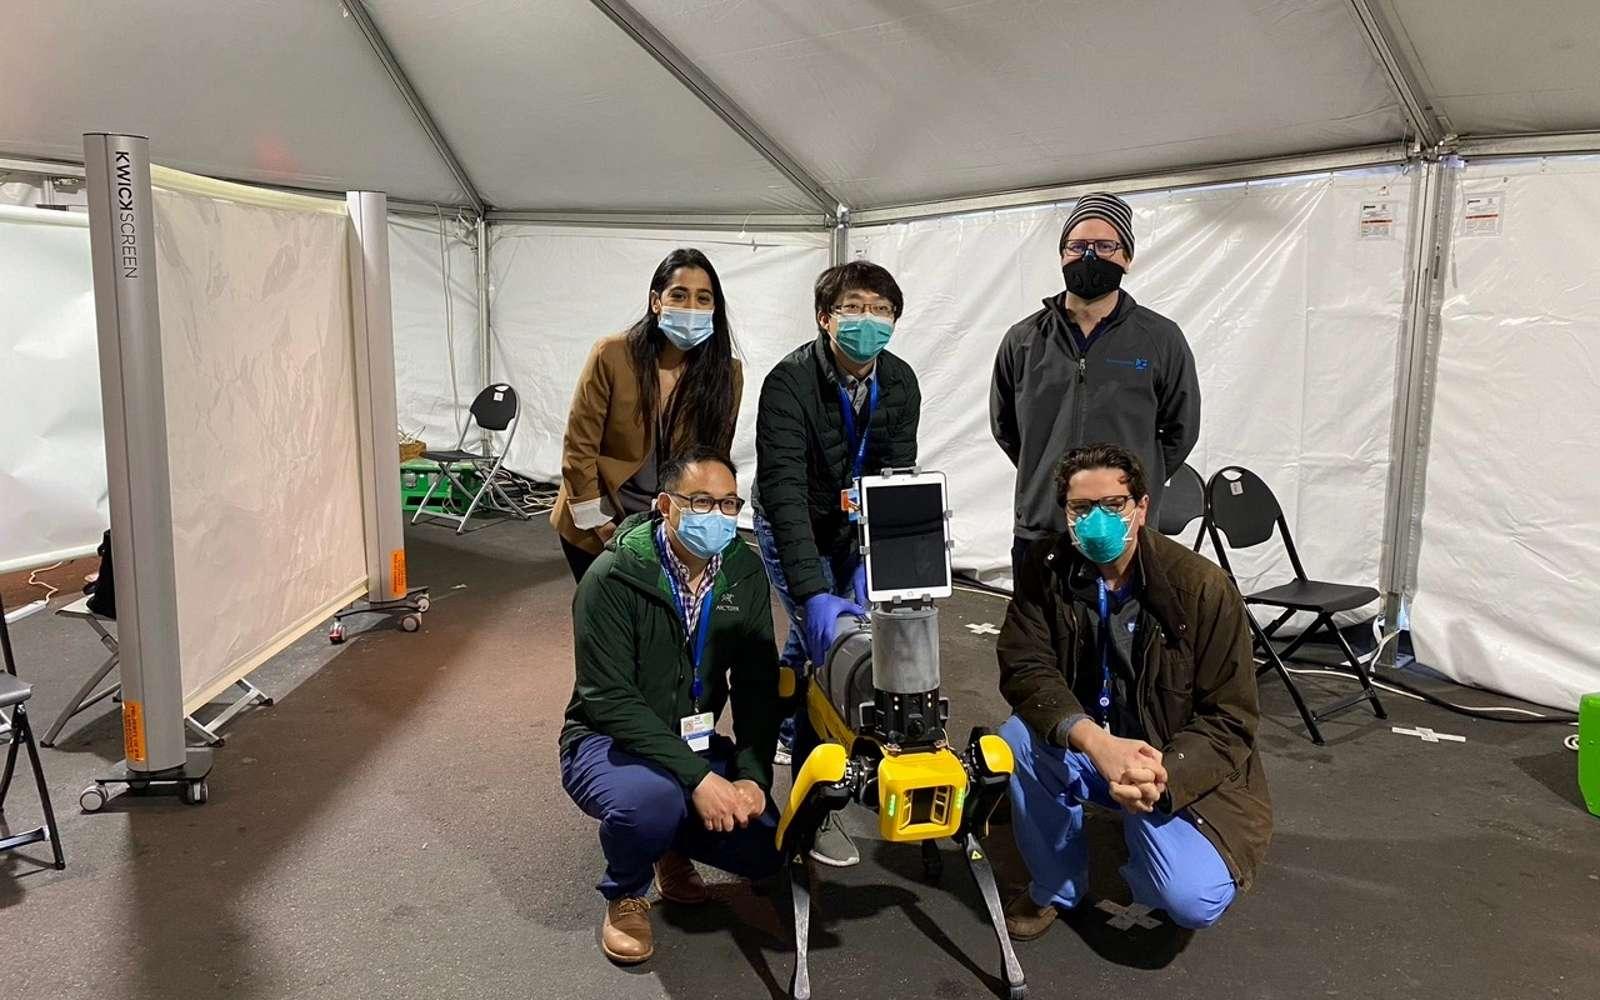 Dr. Spot est équipé de caméras pour mesurer les signes vitaux à distance, et une tablette pour faciliter la communication avec le patient. © MIT